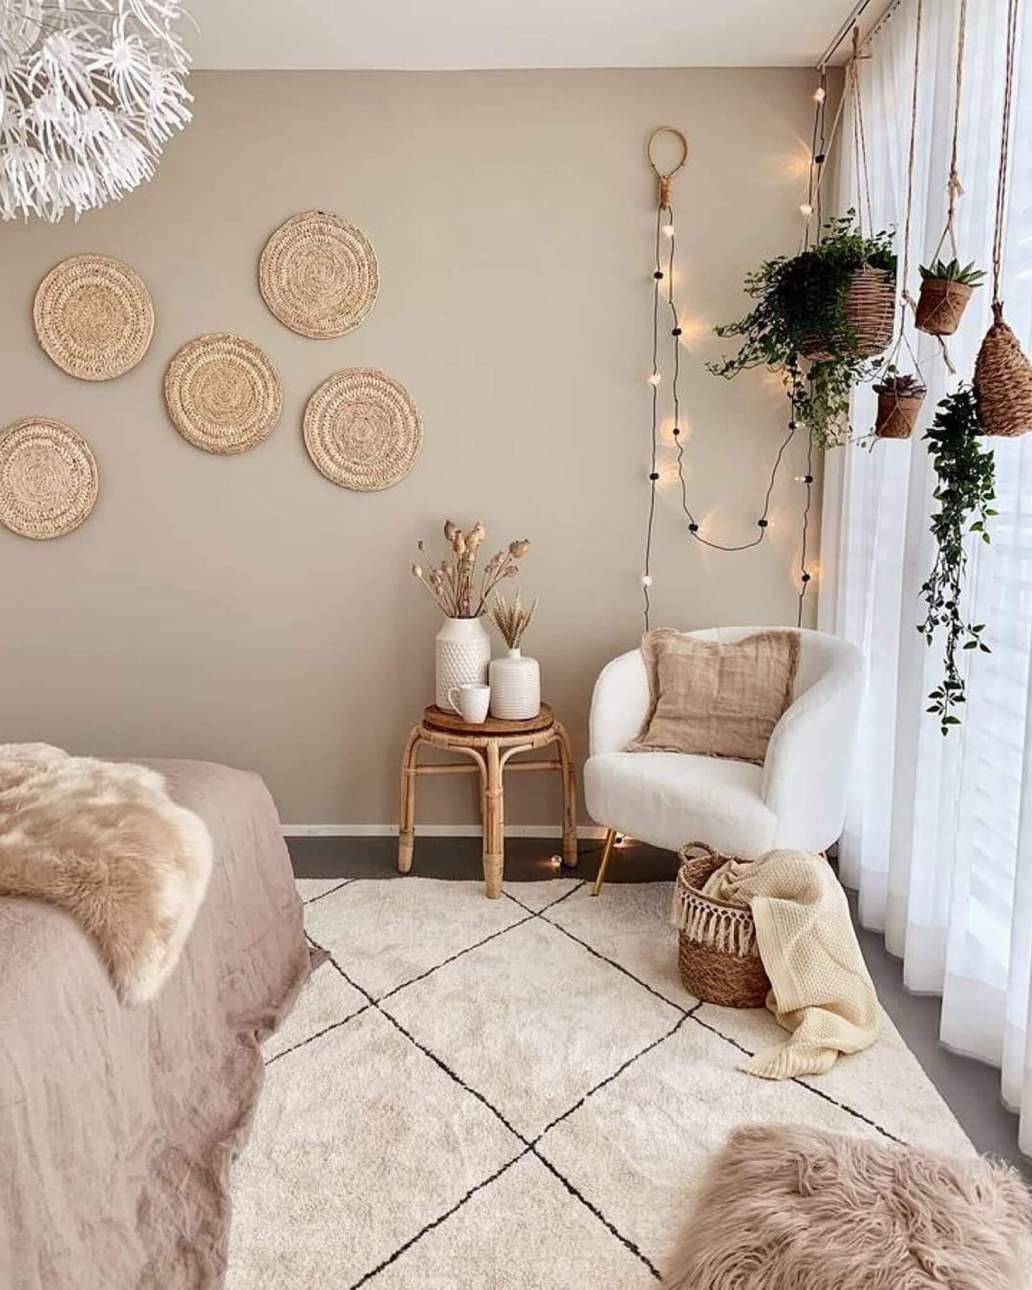 Une chambre aux tons beige decoree dans un style cosy - La guirlande LED : faire un geste pour la planète en soignant sa déco